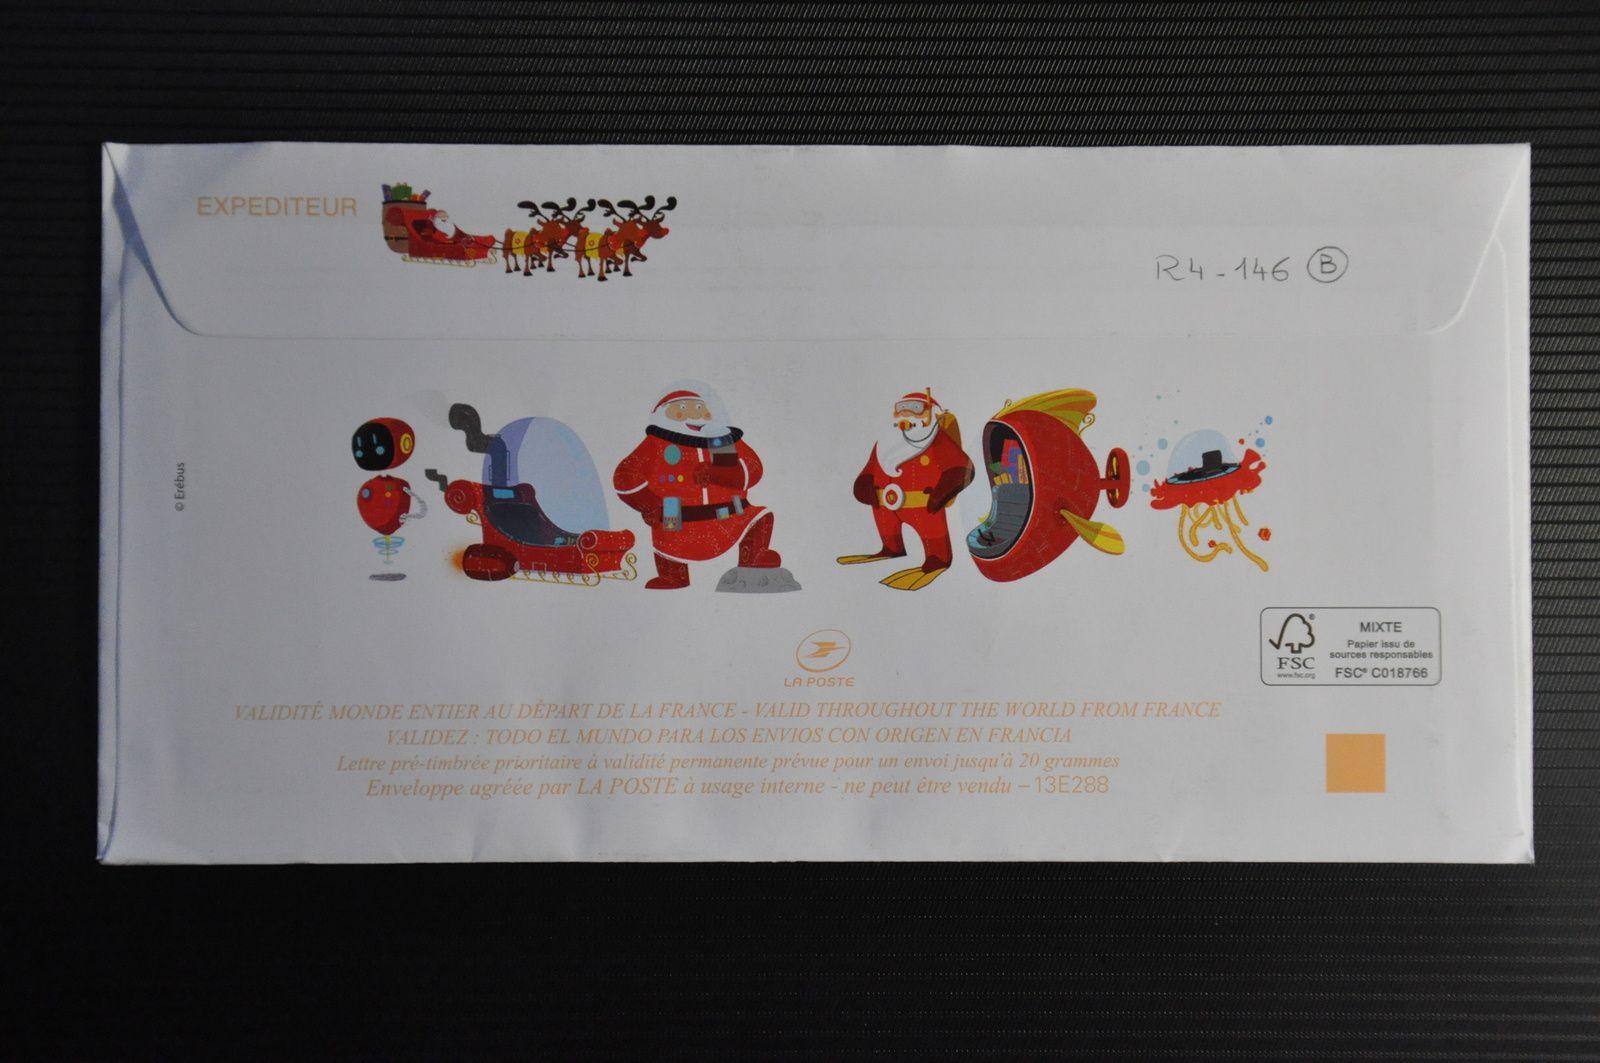 Mais oui le Père-Noël existe car j'ai reçu ce courrier de Libourne sans avoir écrit moi-même de lettre au Père-Noël! A moins que ce ne soit l'ARt postal qui mène à toutes les surprises!!!!!!!!!!!!!!!